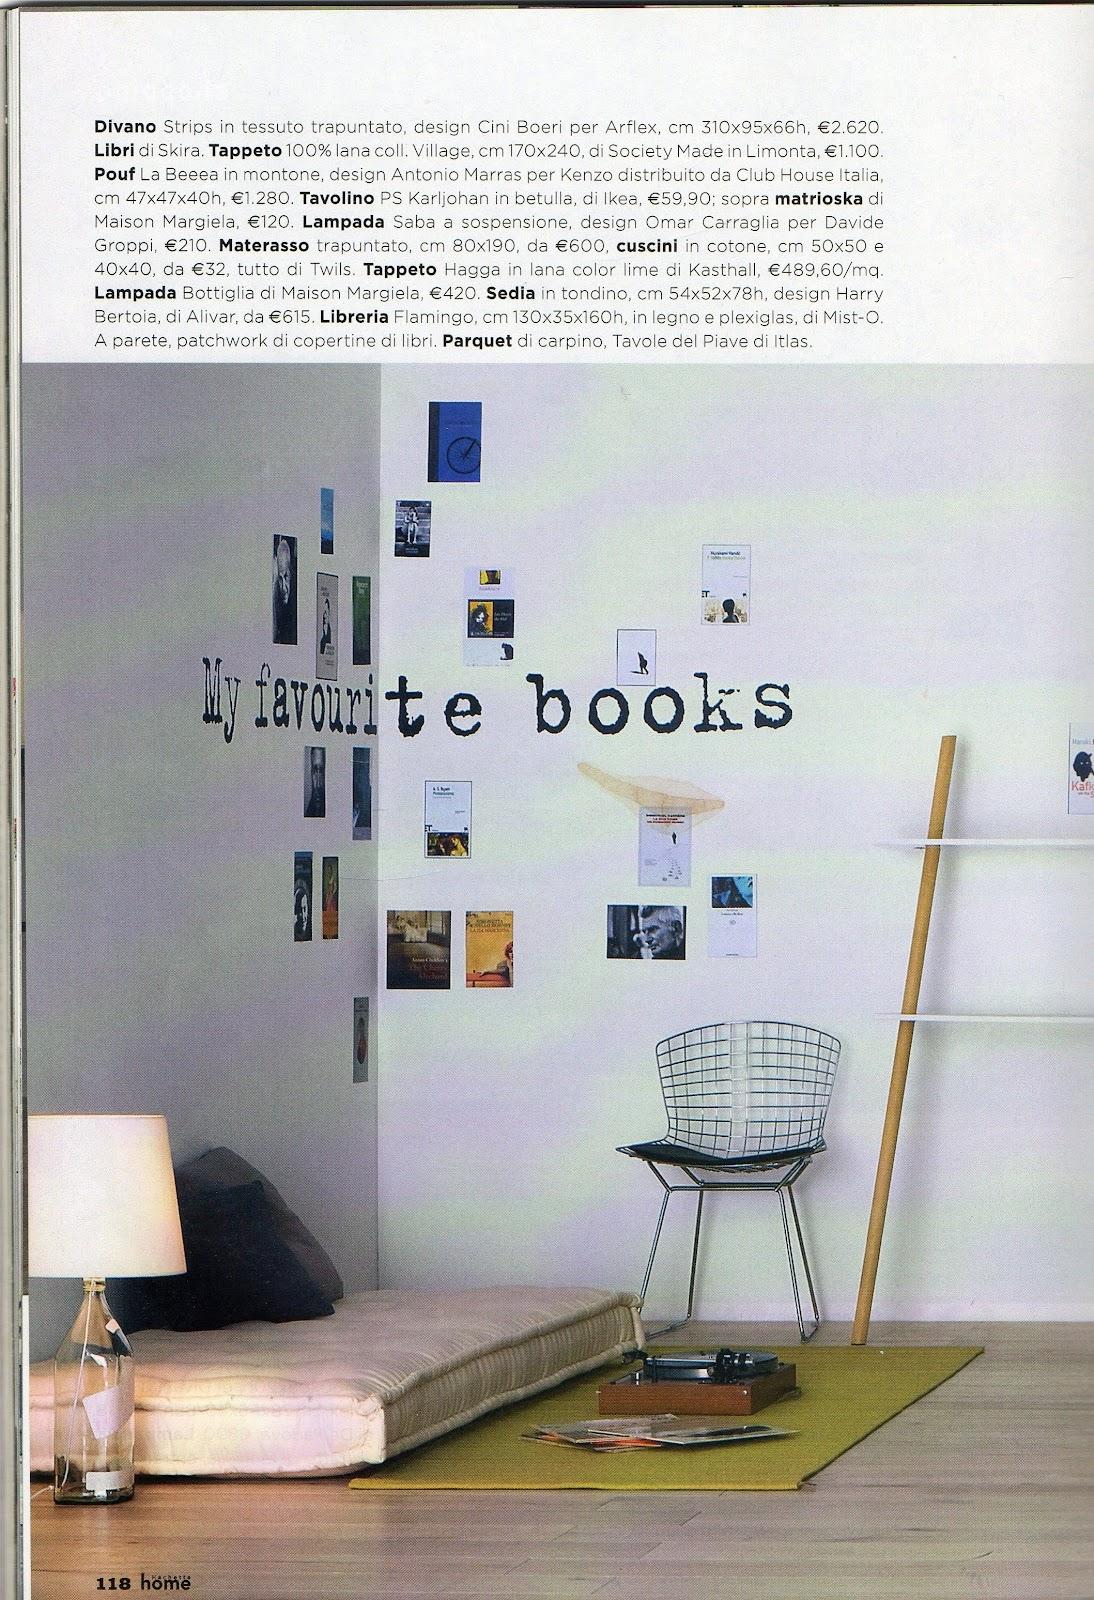 Ruggine scintille idee per decorare le pareti - Decorare pareti con scritte ...